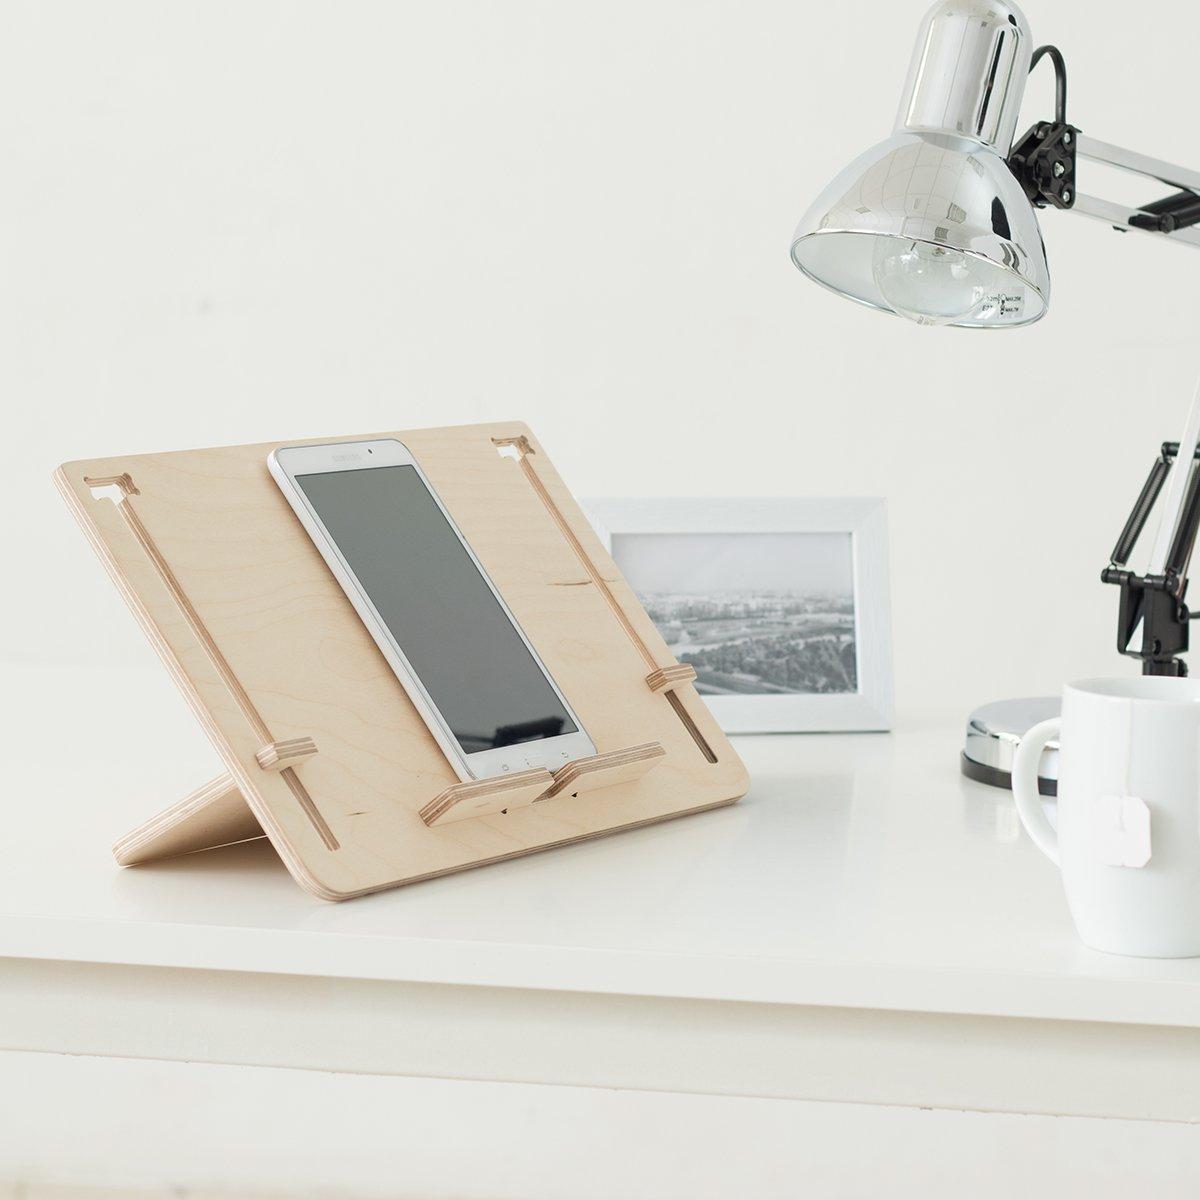 support pour tablettes, livres électroniques ou livres, en bois, convient uniquement aux inclinaisons, bureau, canapé, lit